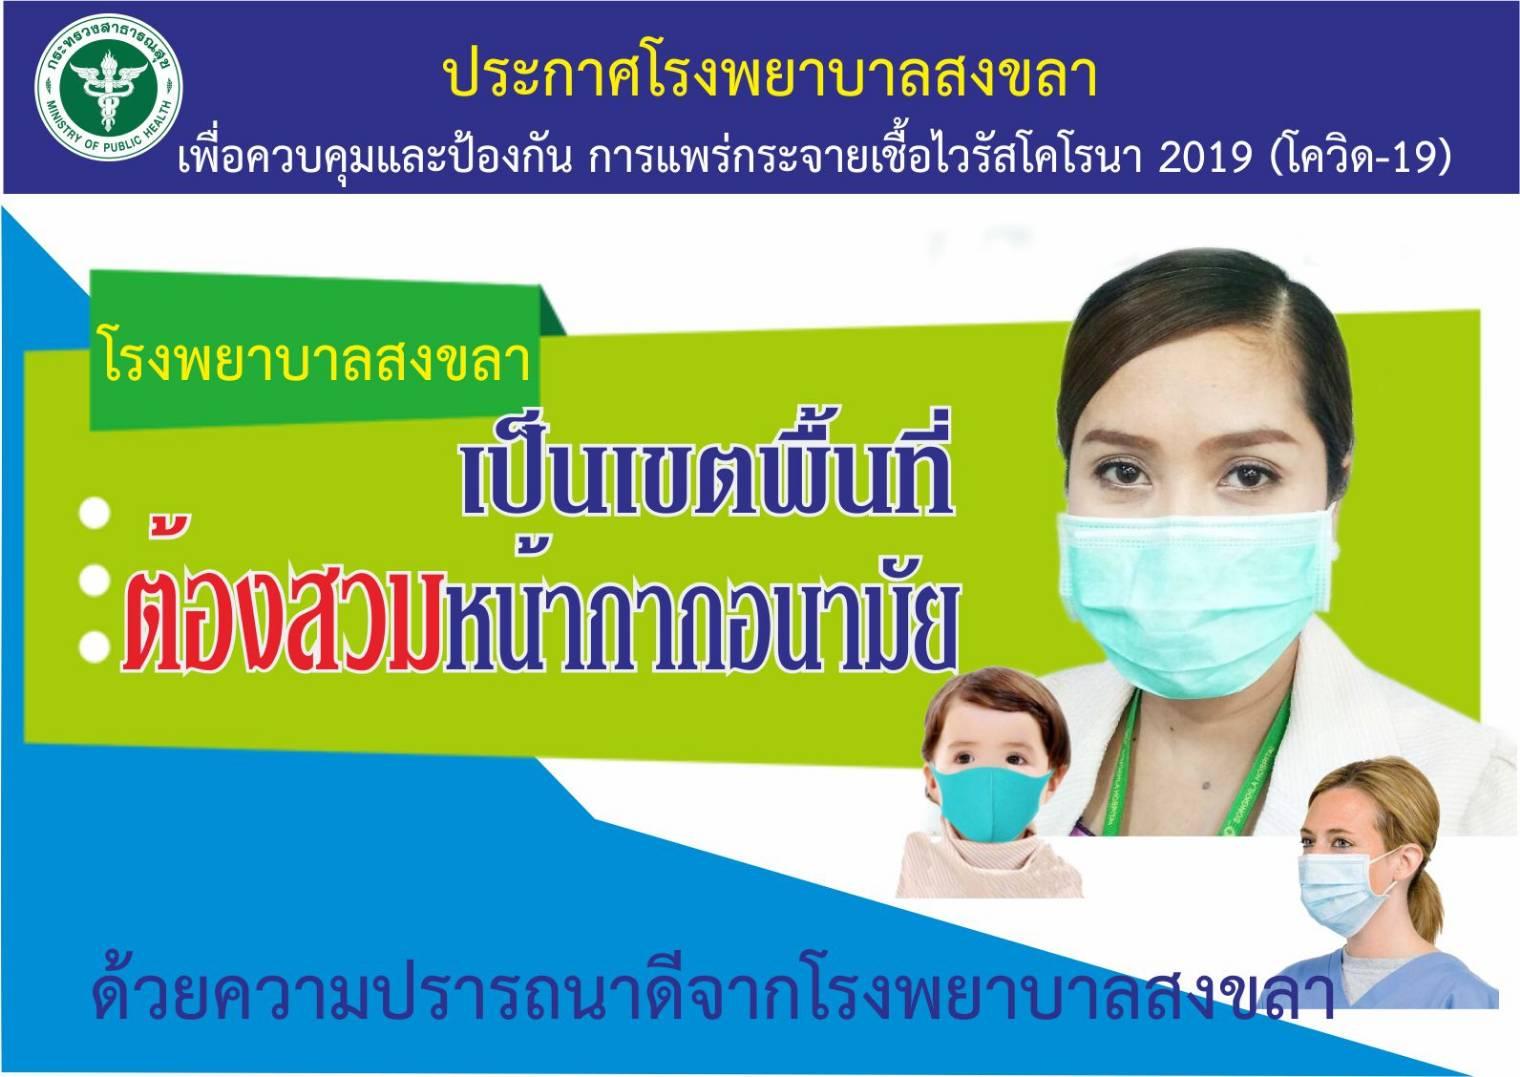 ประกาศเพื่อควบคุมและป้องกัน การแพร่กระจายเชื้อไวรัสโคโรนา 2019